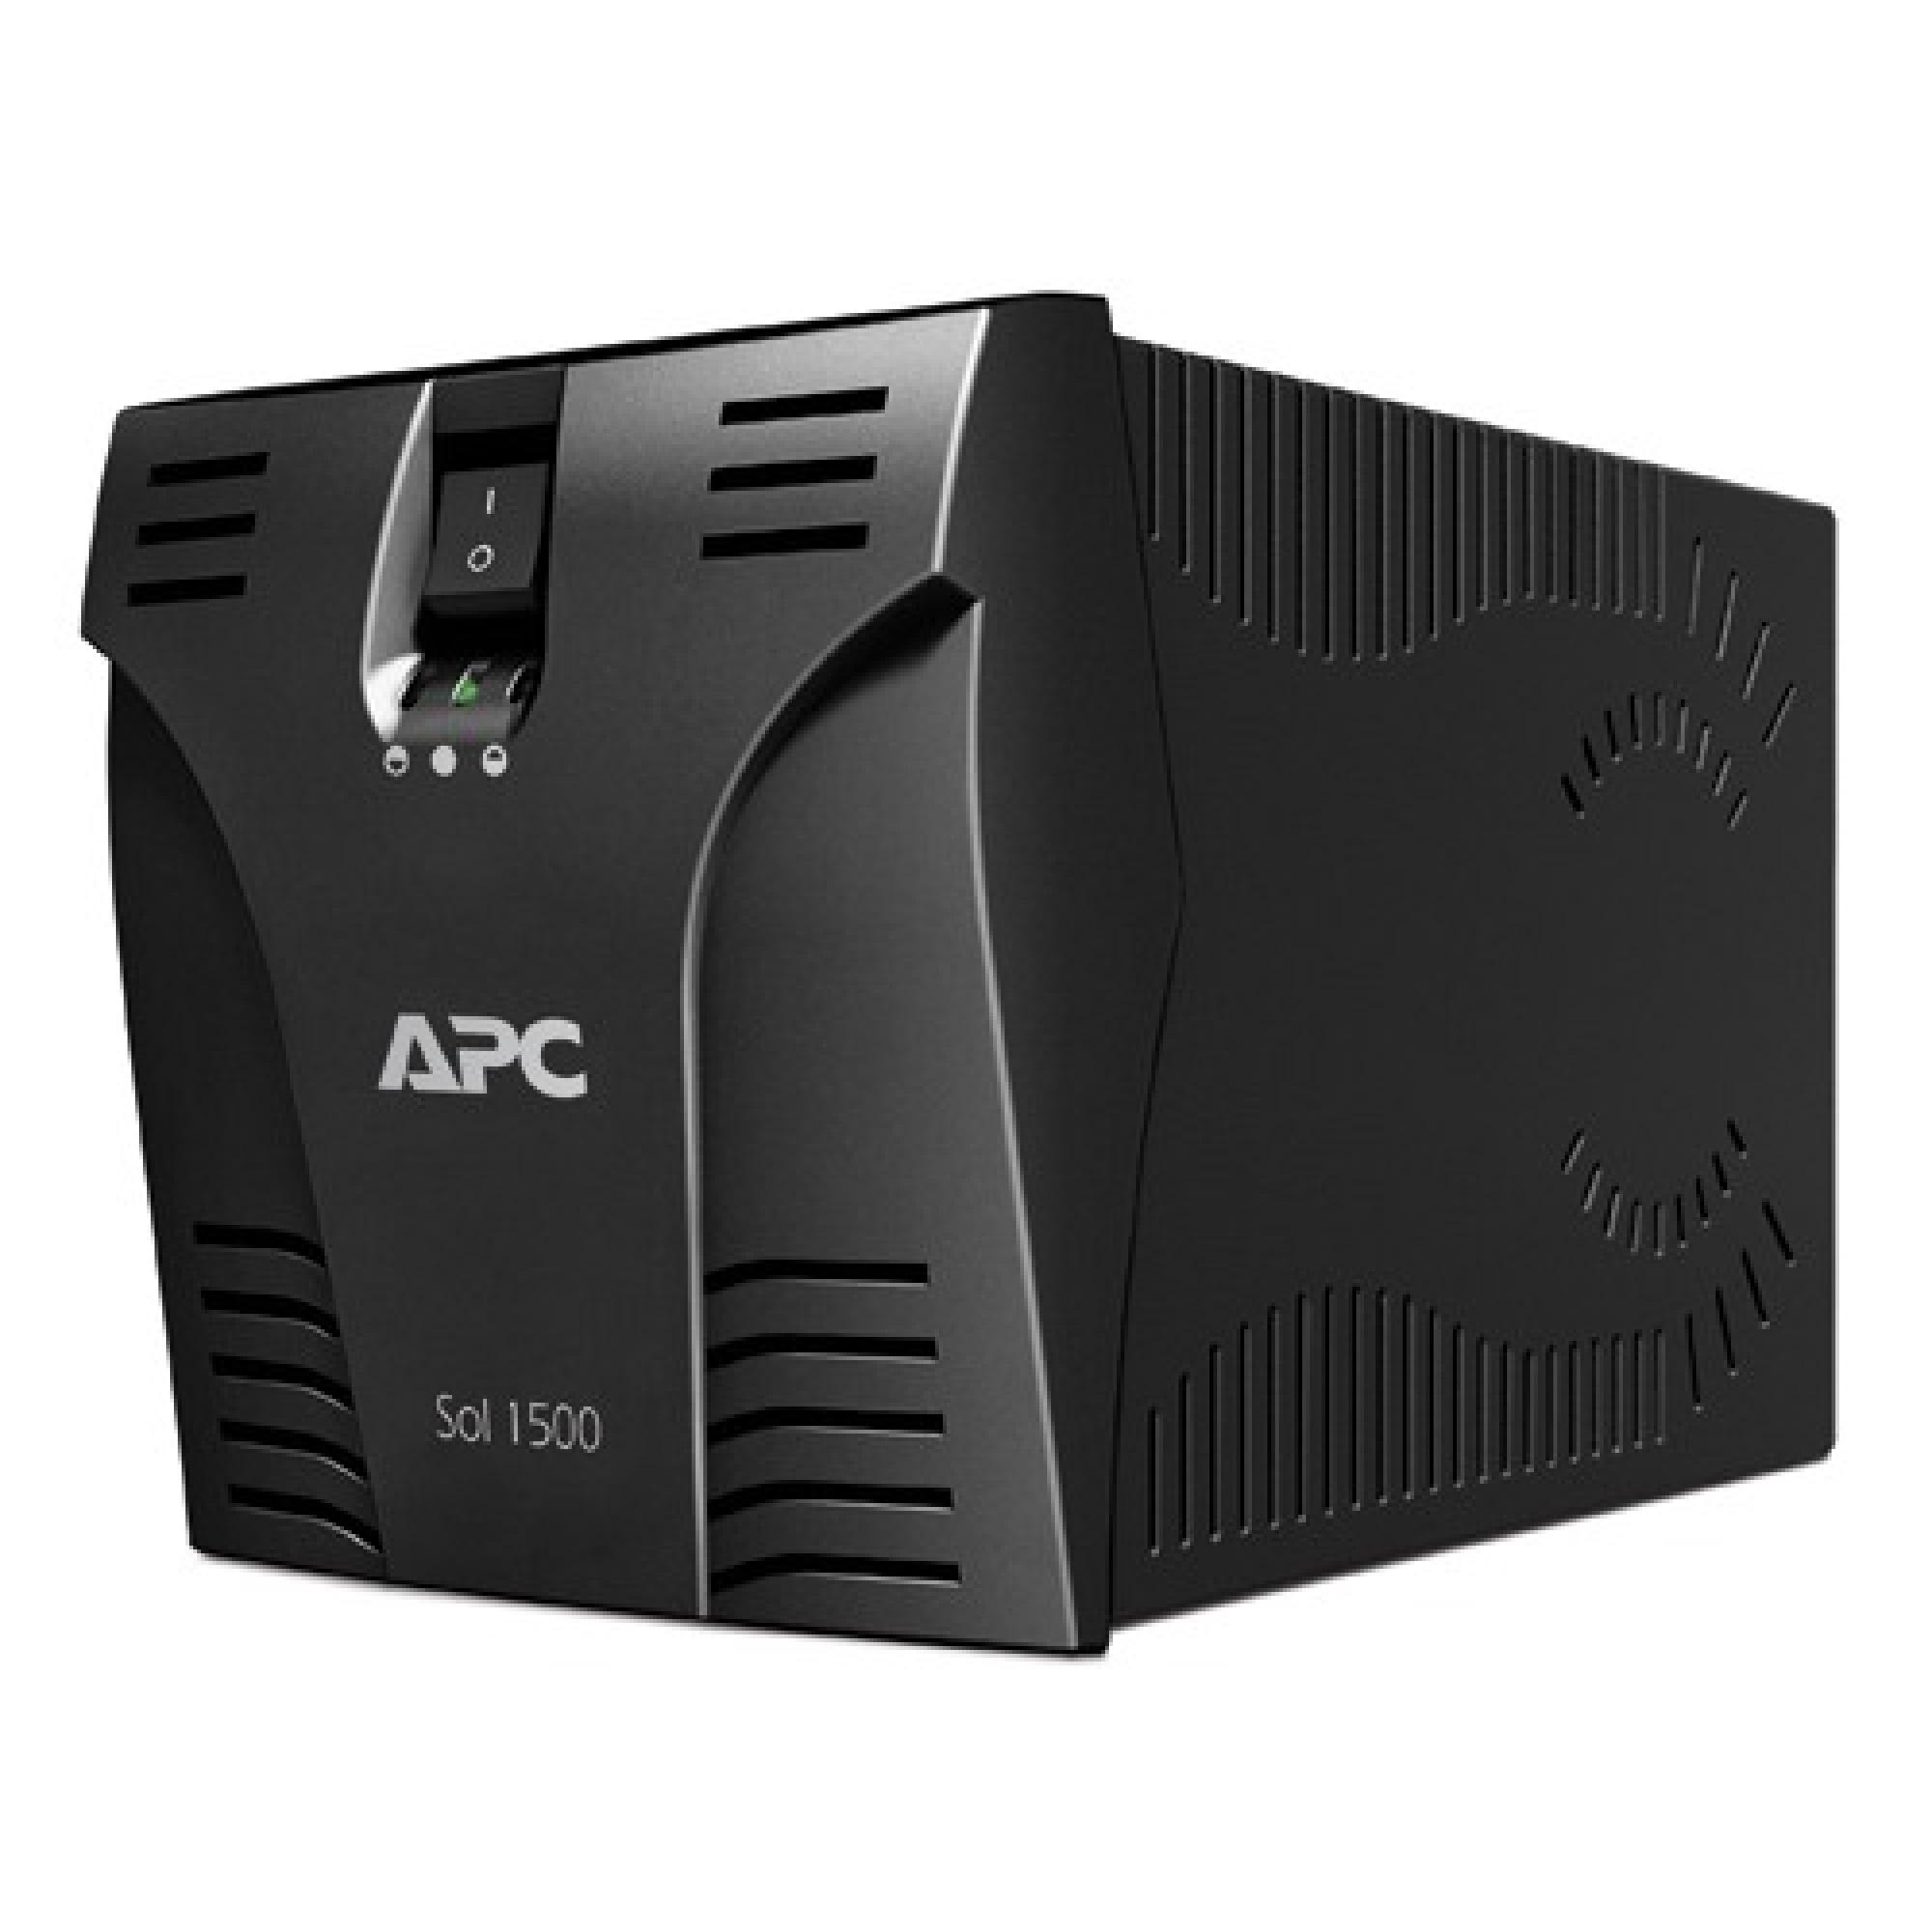 Estabilizador APC SOL 1500 BI  Bivolt /115